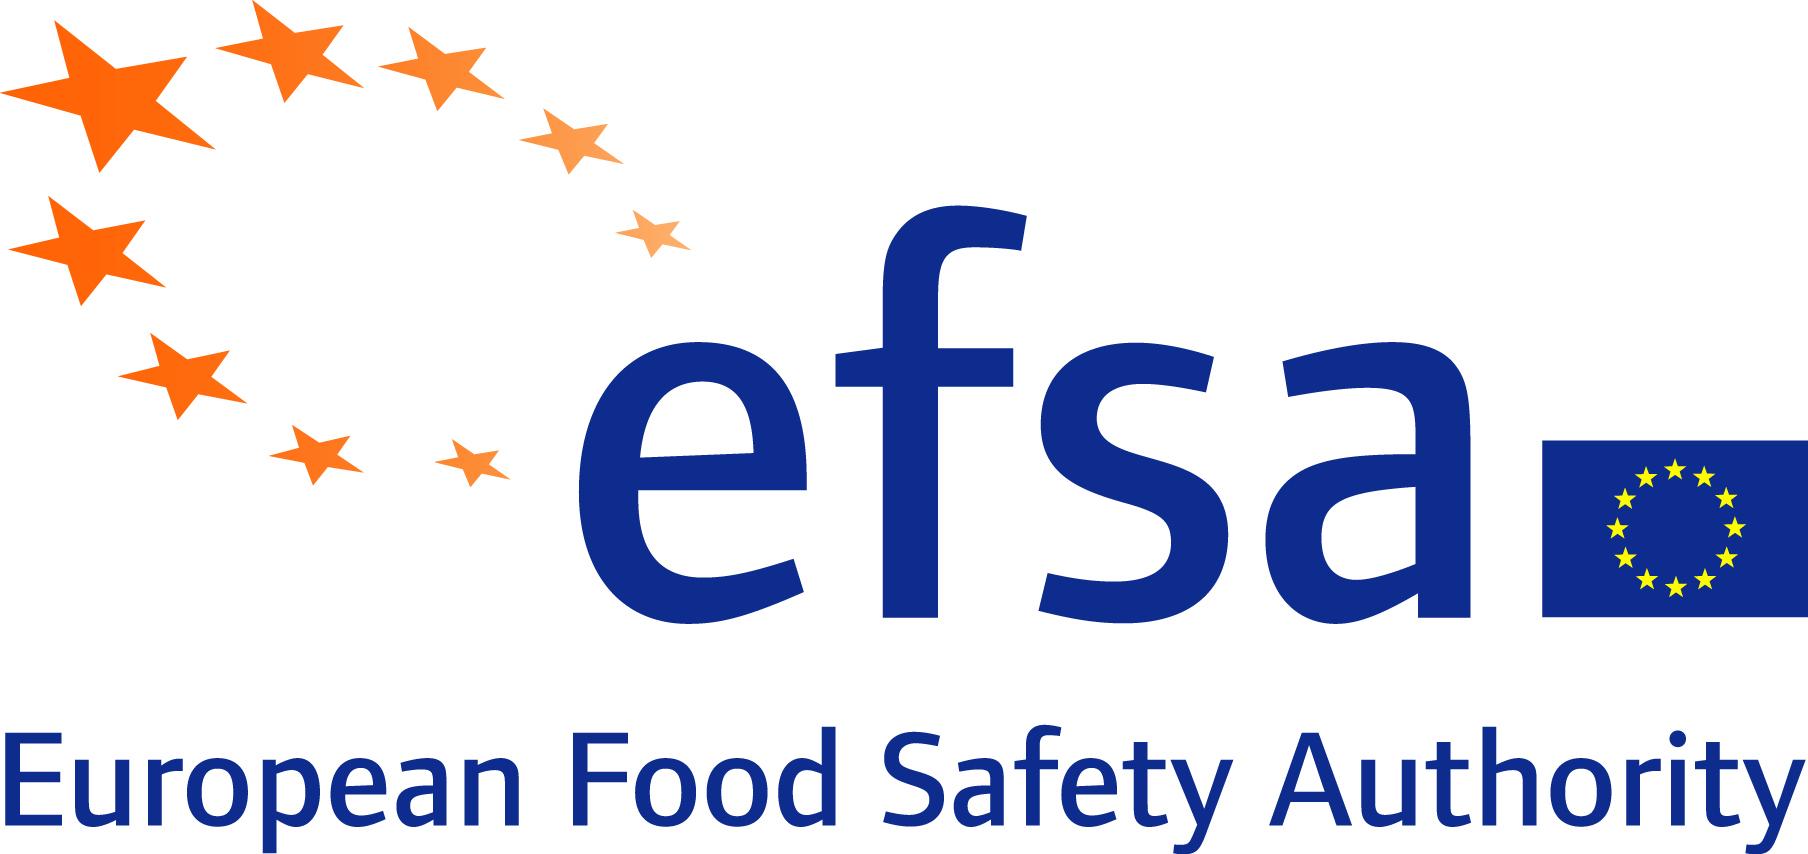 EFSA, EU, stars